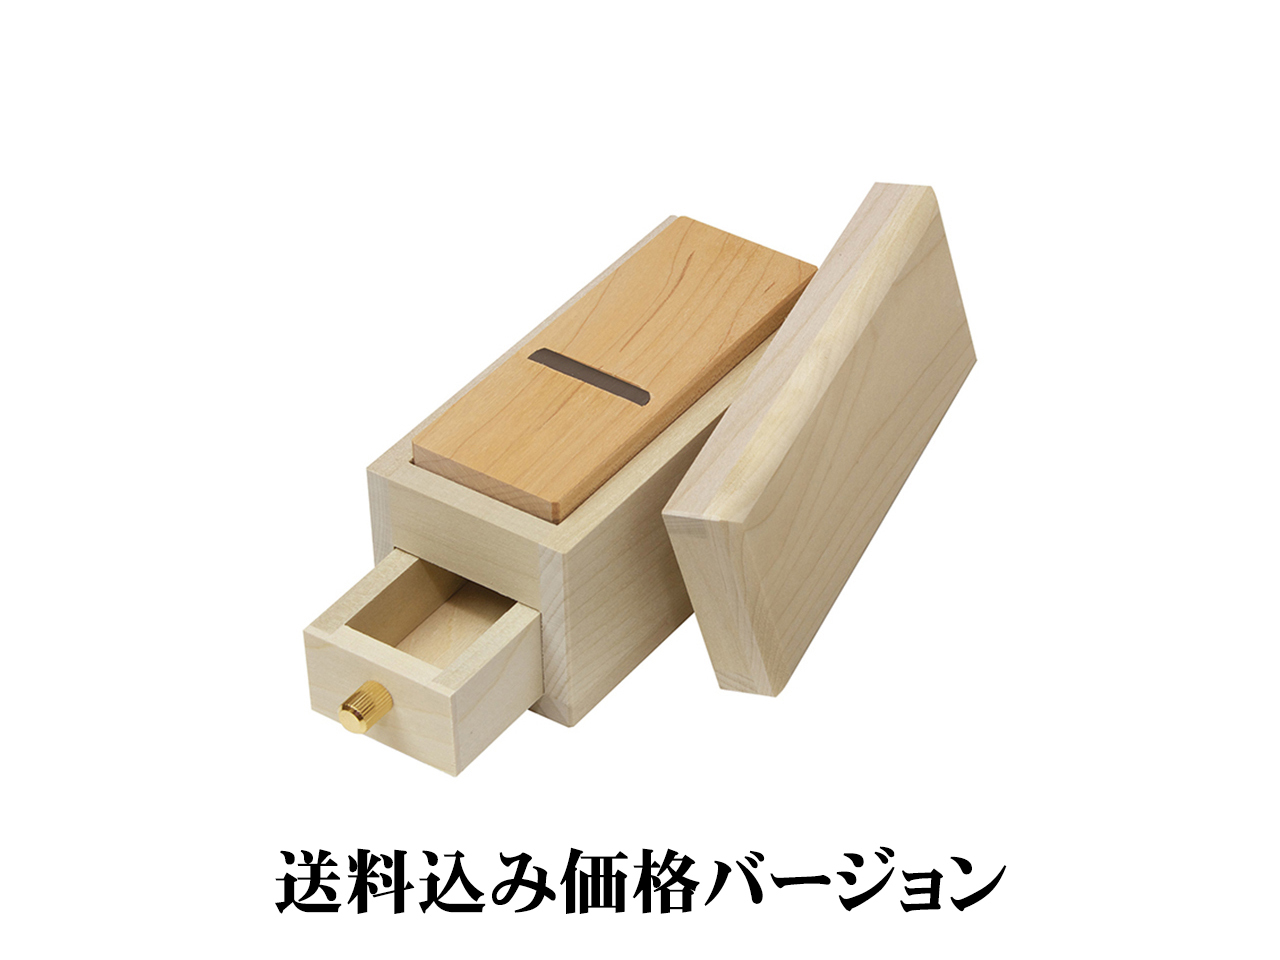 鰹節削り器 「送料込み!極ミニ鰹箱」すべり止めシール付(shop限定セット)